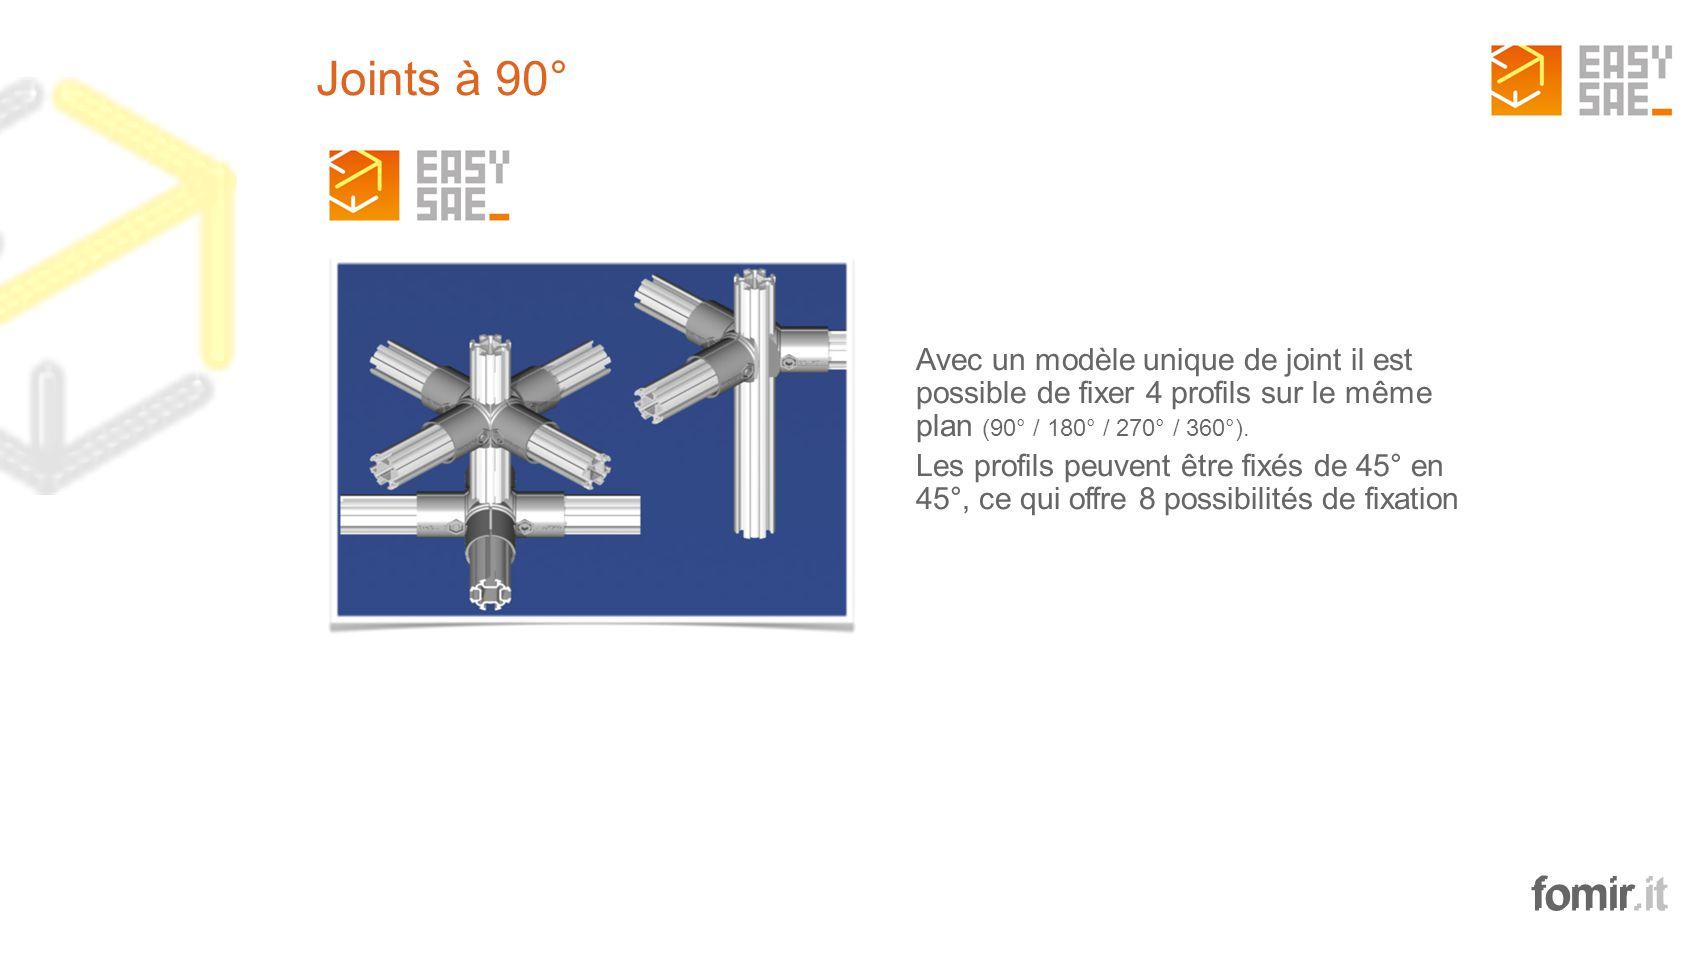 Joints à 90° Avec un modèle unique de joint il est possible de fixer 4 profils sur le même plan (90° / 180° / 270° / 360°).